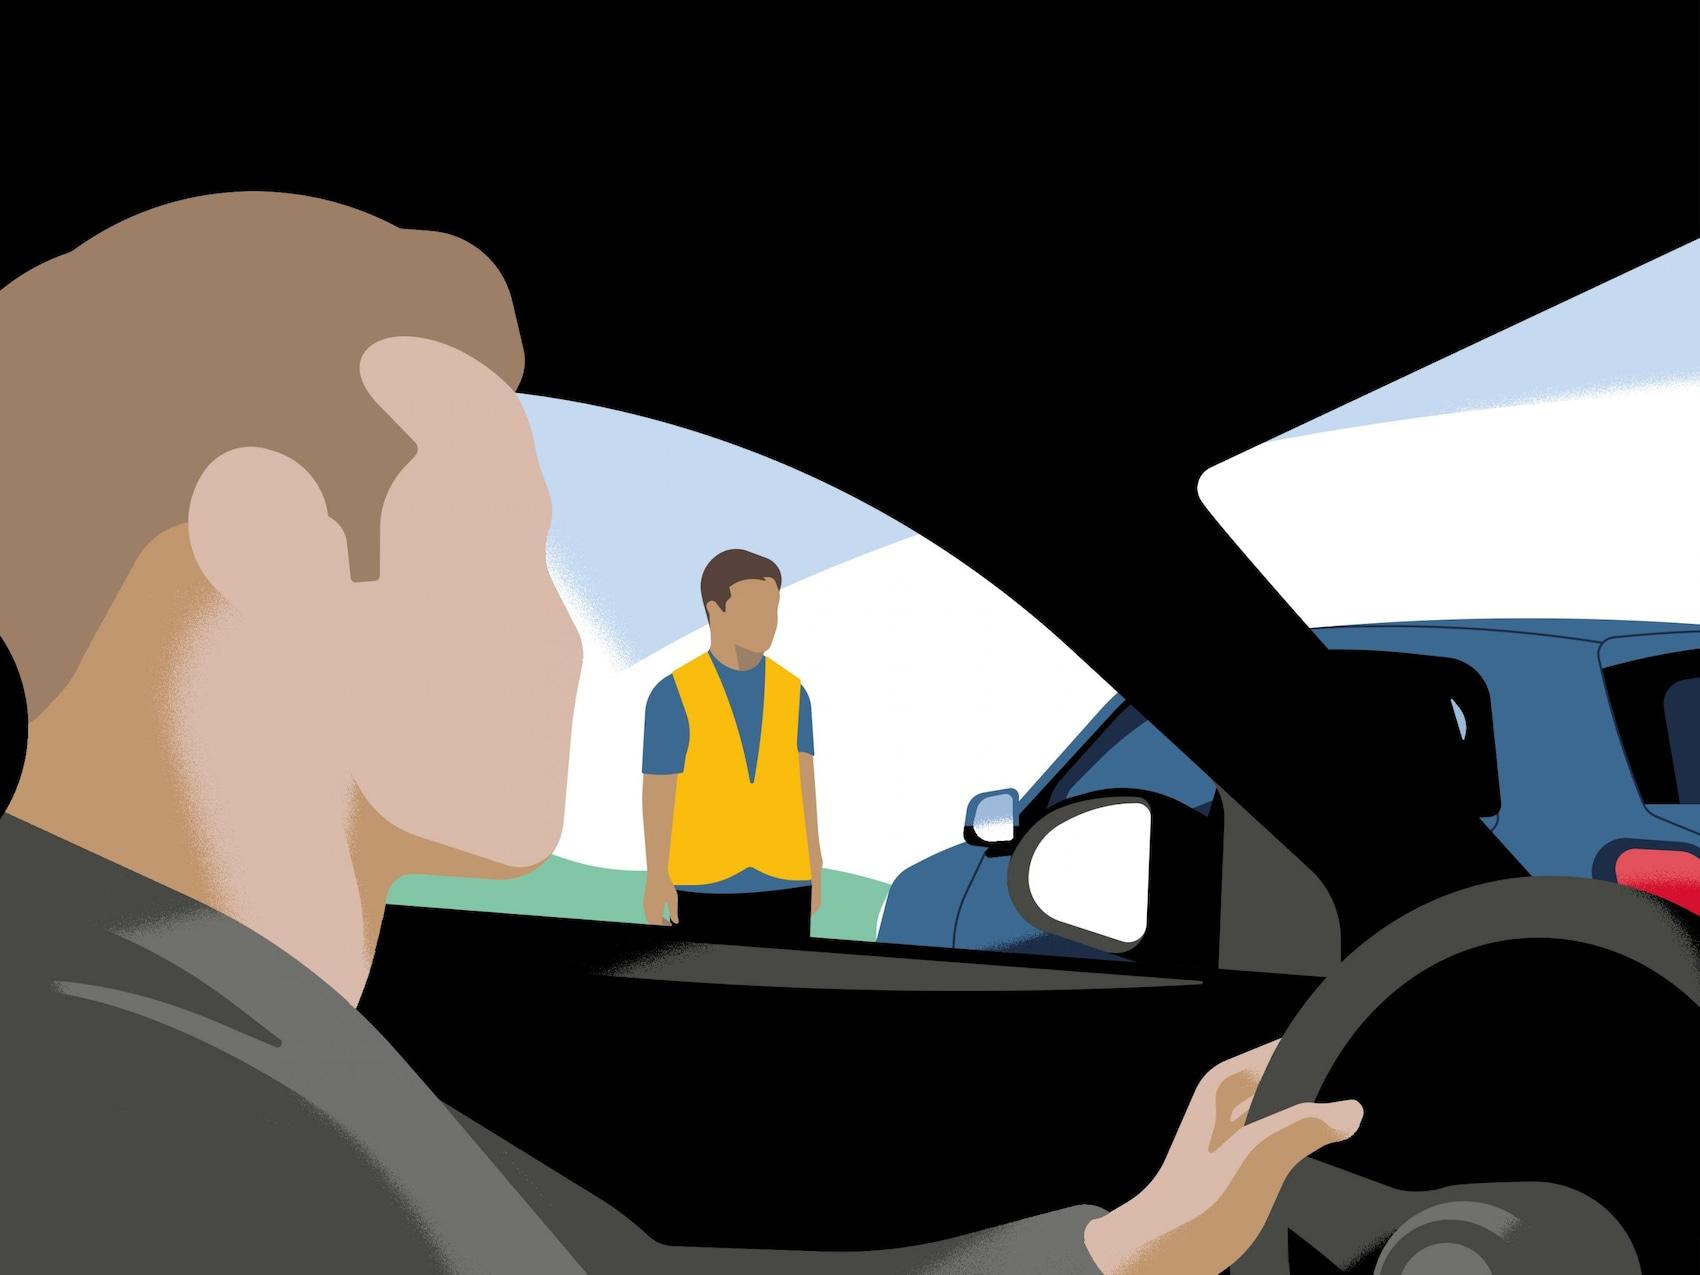 Mann im Auto